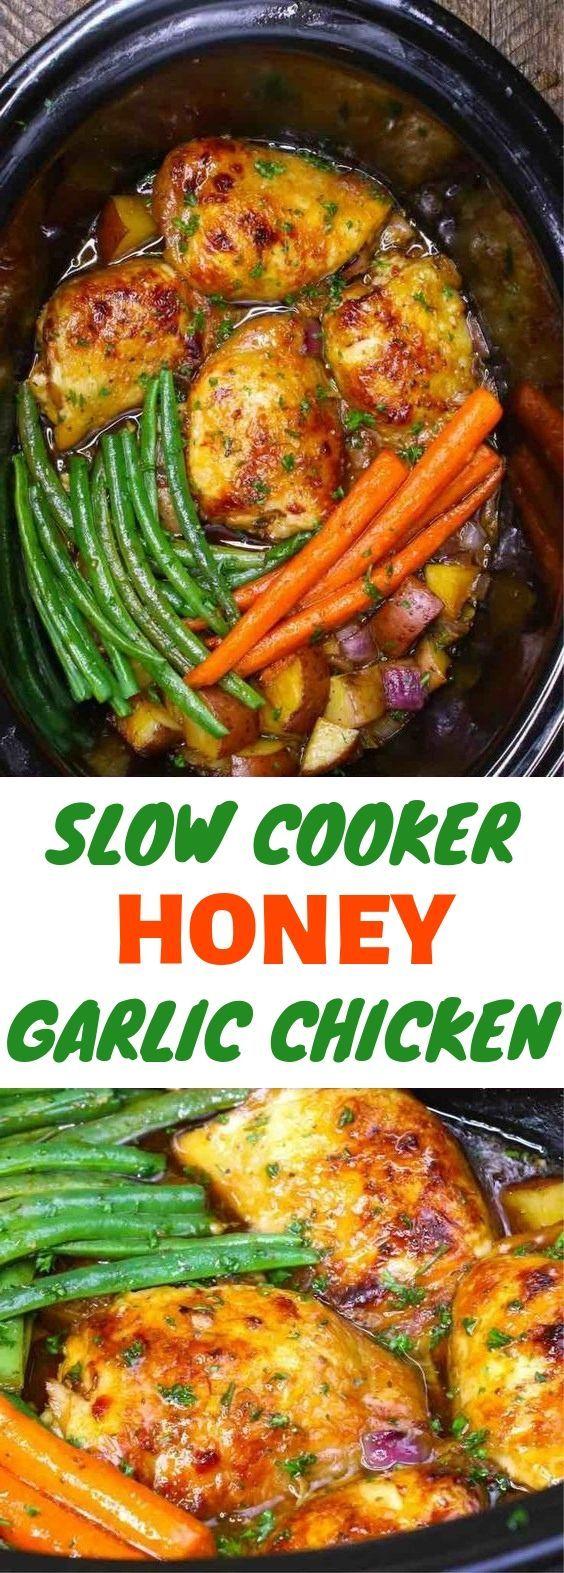 Slow Cooker Honey Garlic Chicken #crockpotchickeneasy